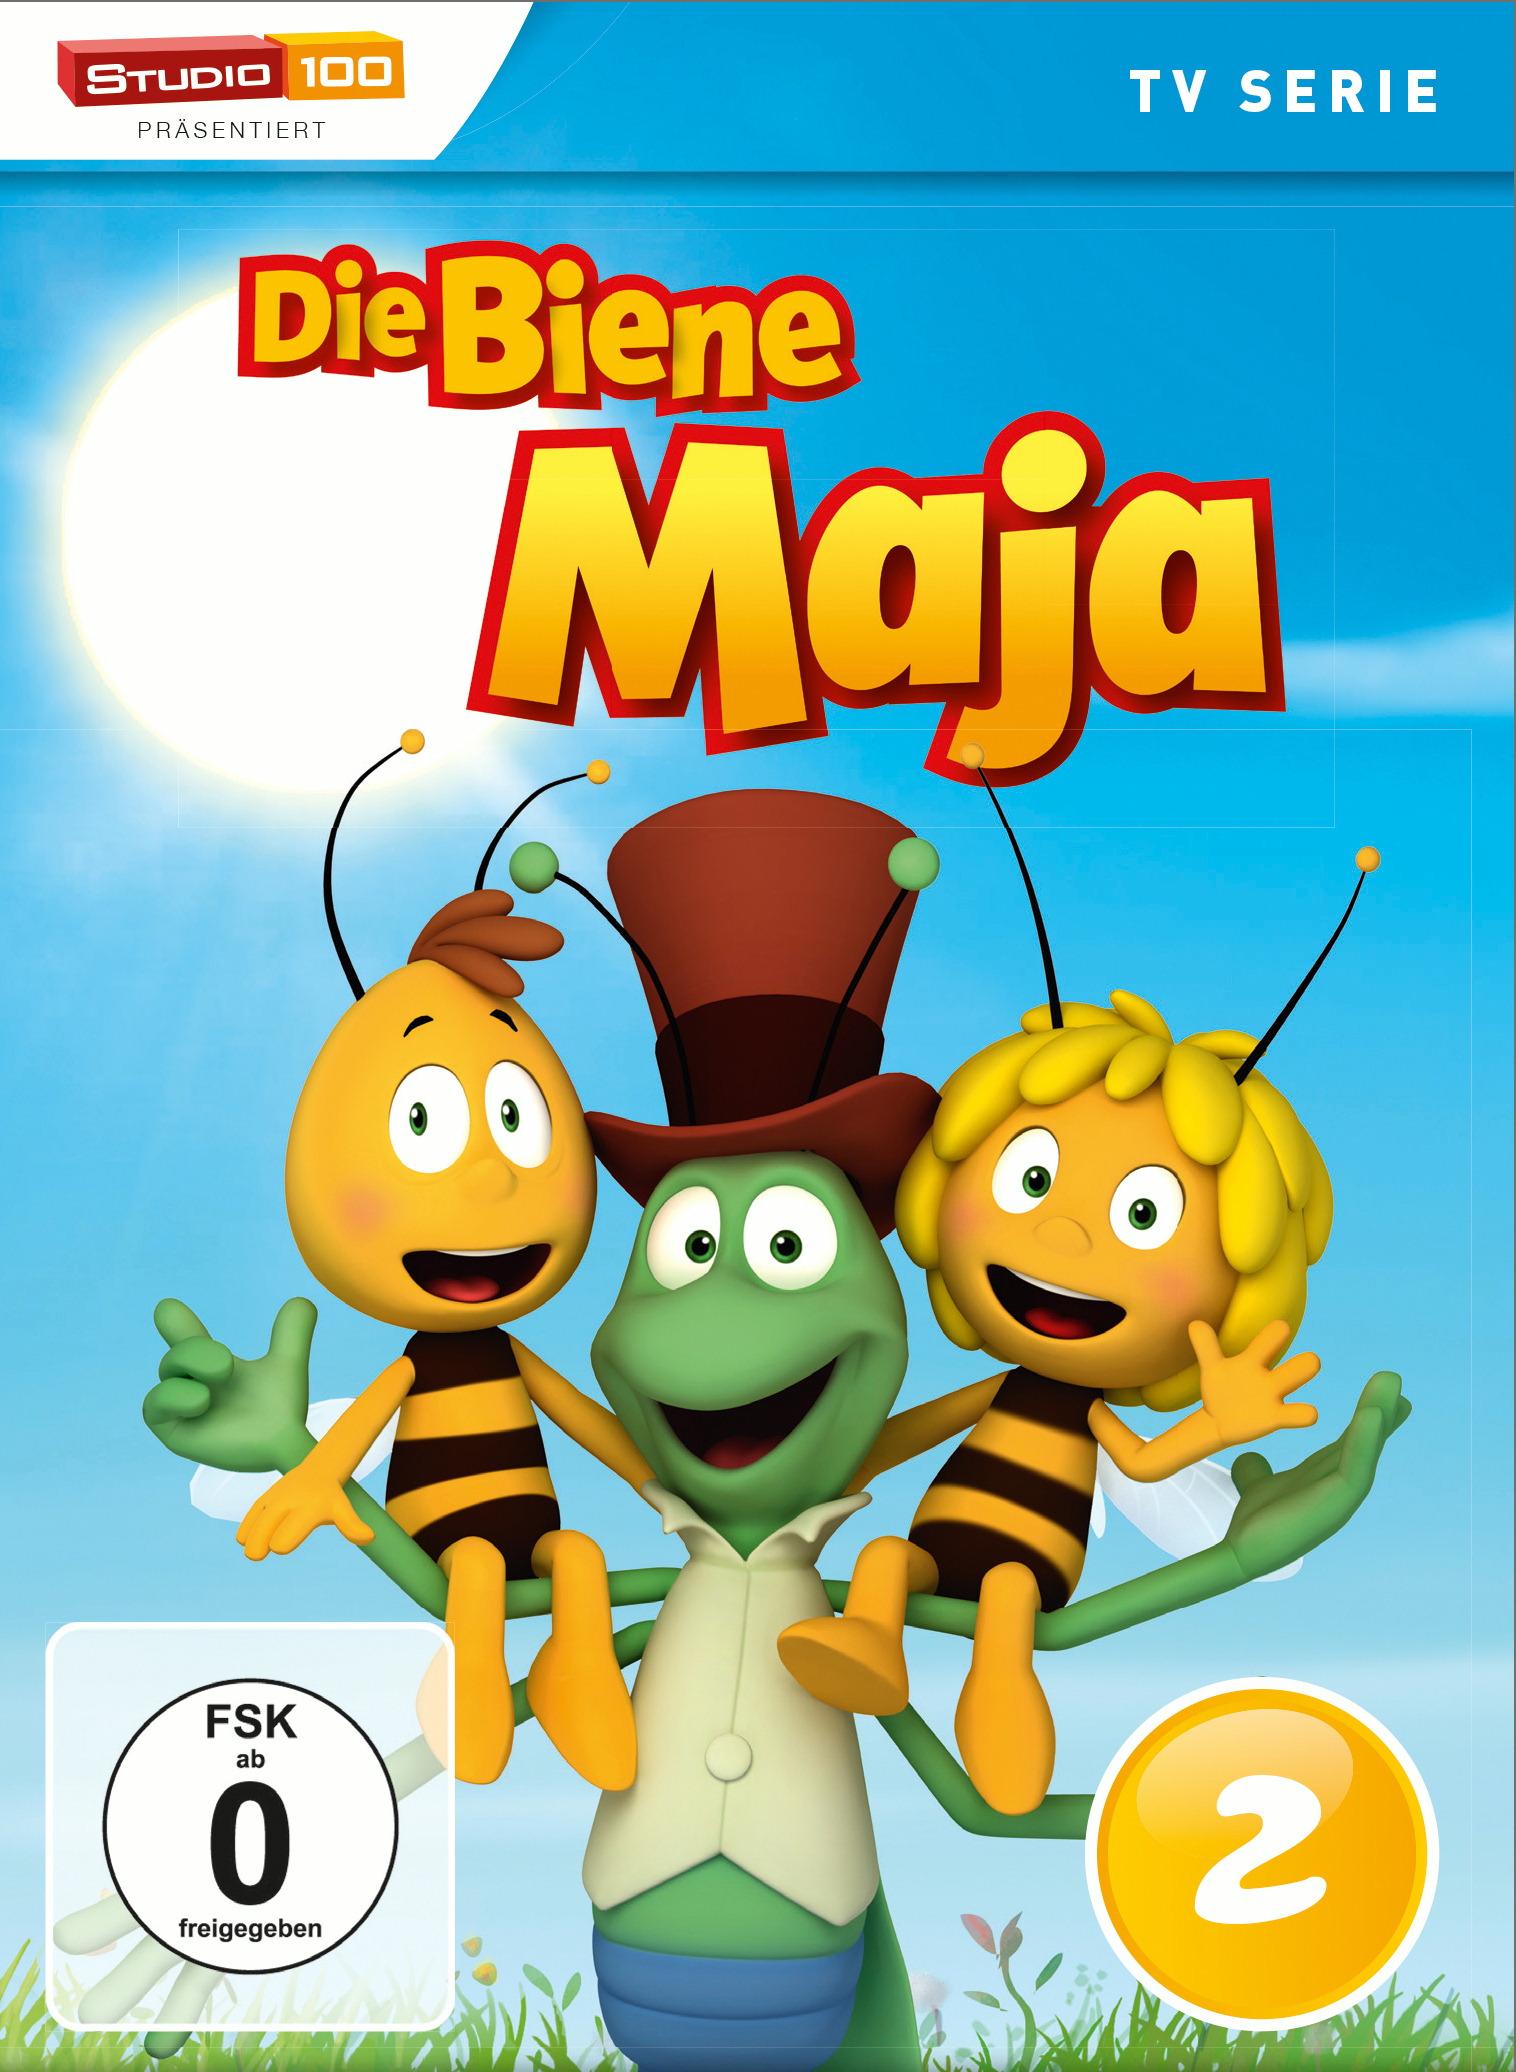 Die Biene Maja - DVD 02 Poster